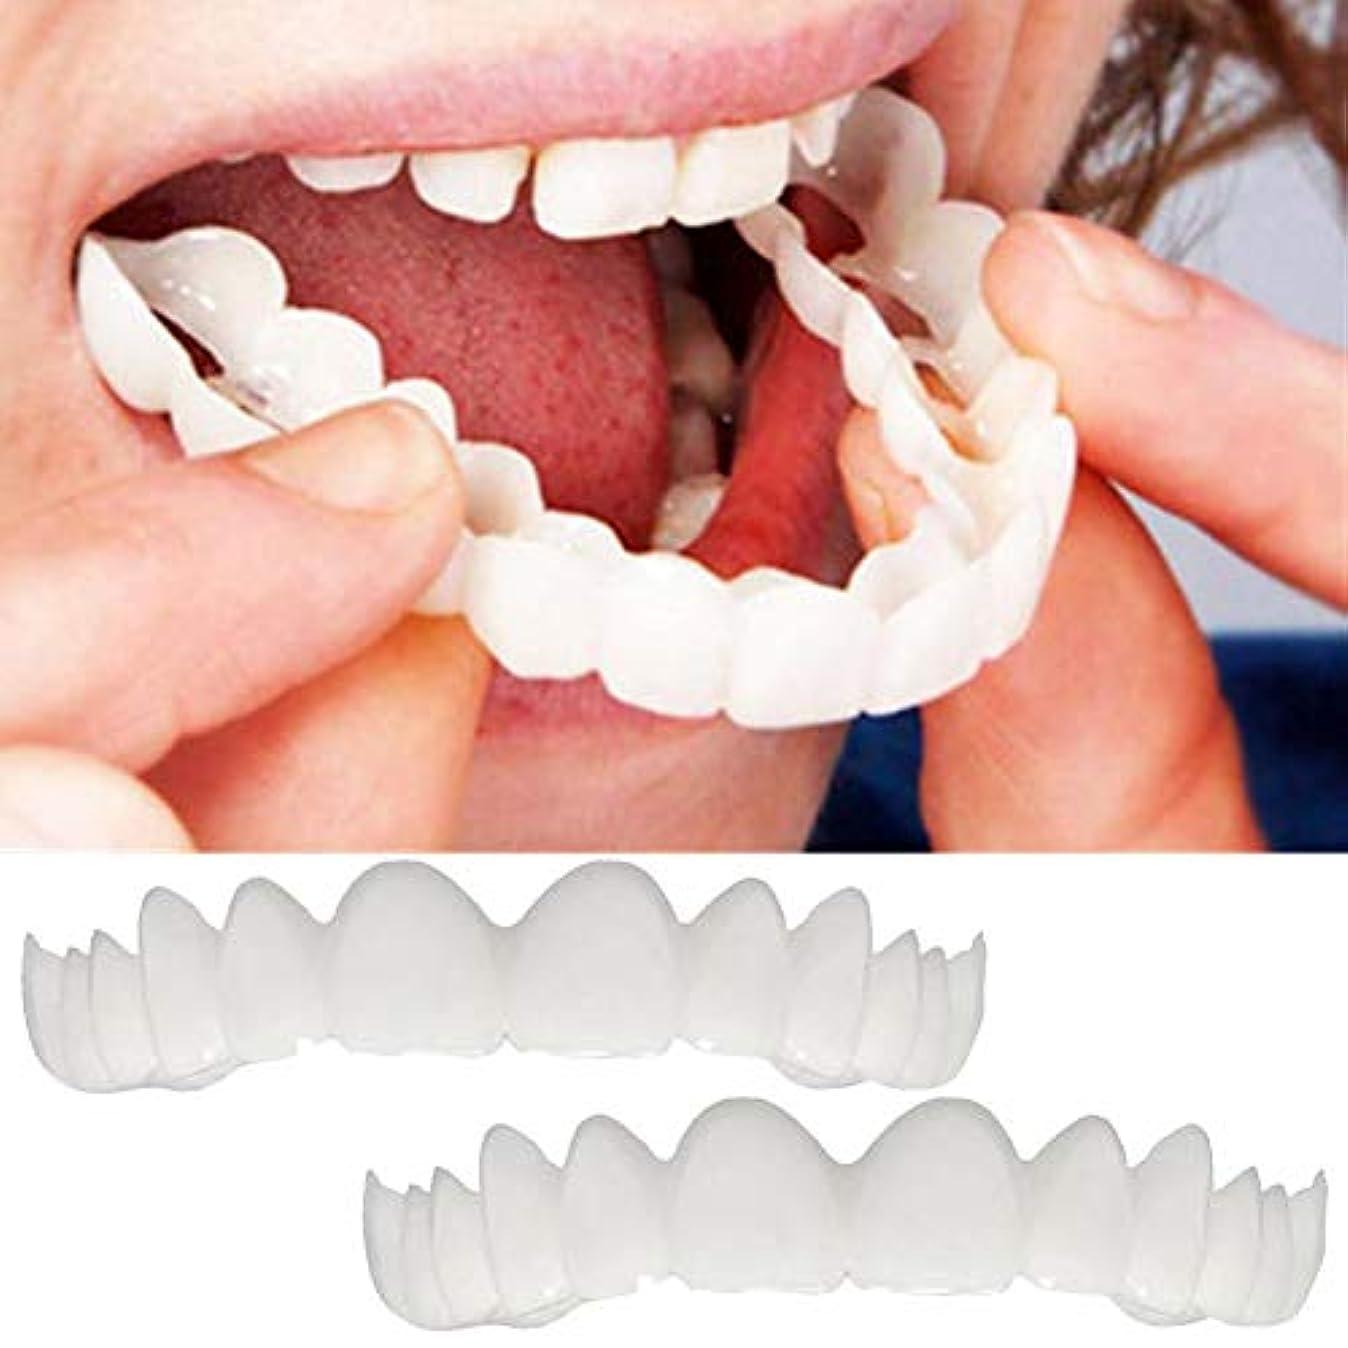 人気のデザートポーチホワイトニングスナップオンスマイルパーフェクトスマイルフィット最も快適な義歯ケア入れ歯デンタルティースベニヤ上の歯と下の歯,1Pcs